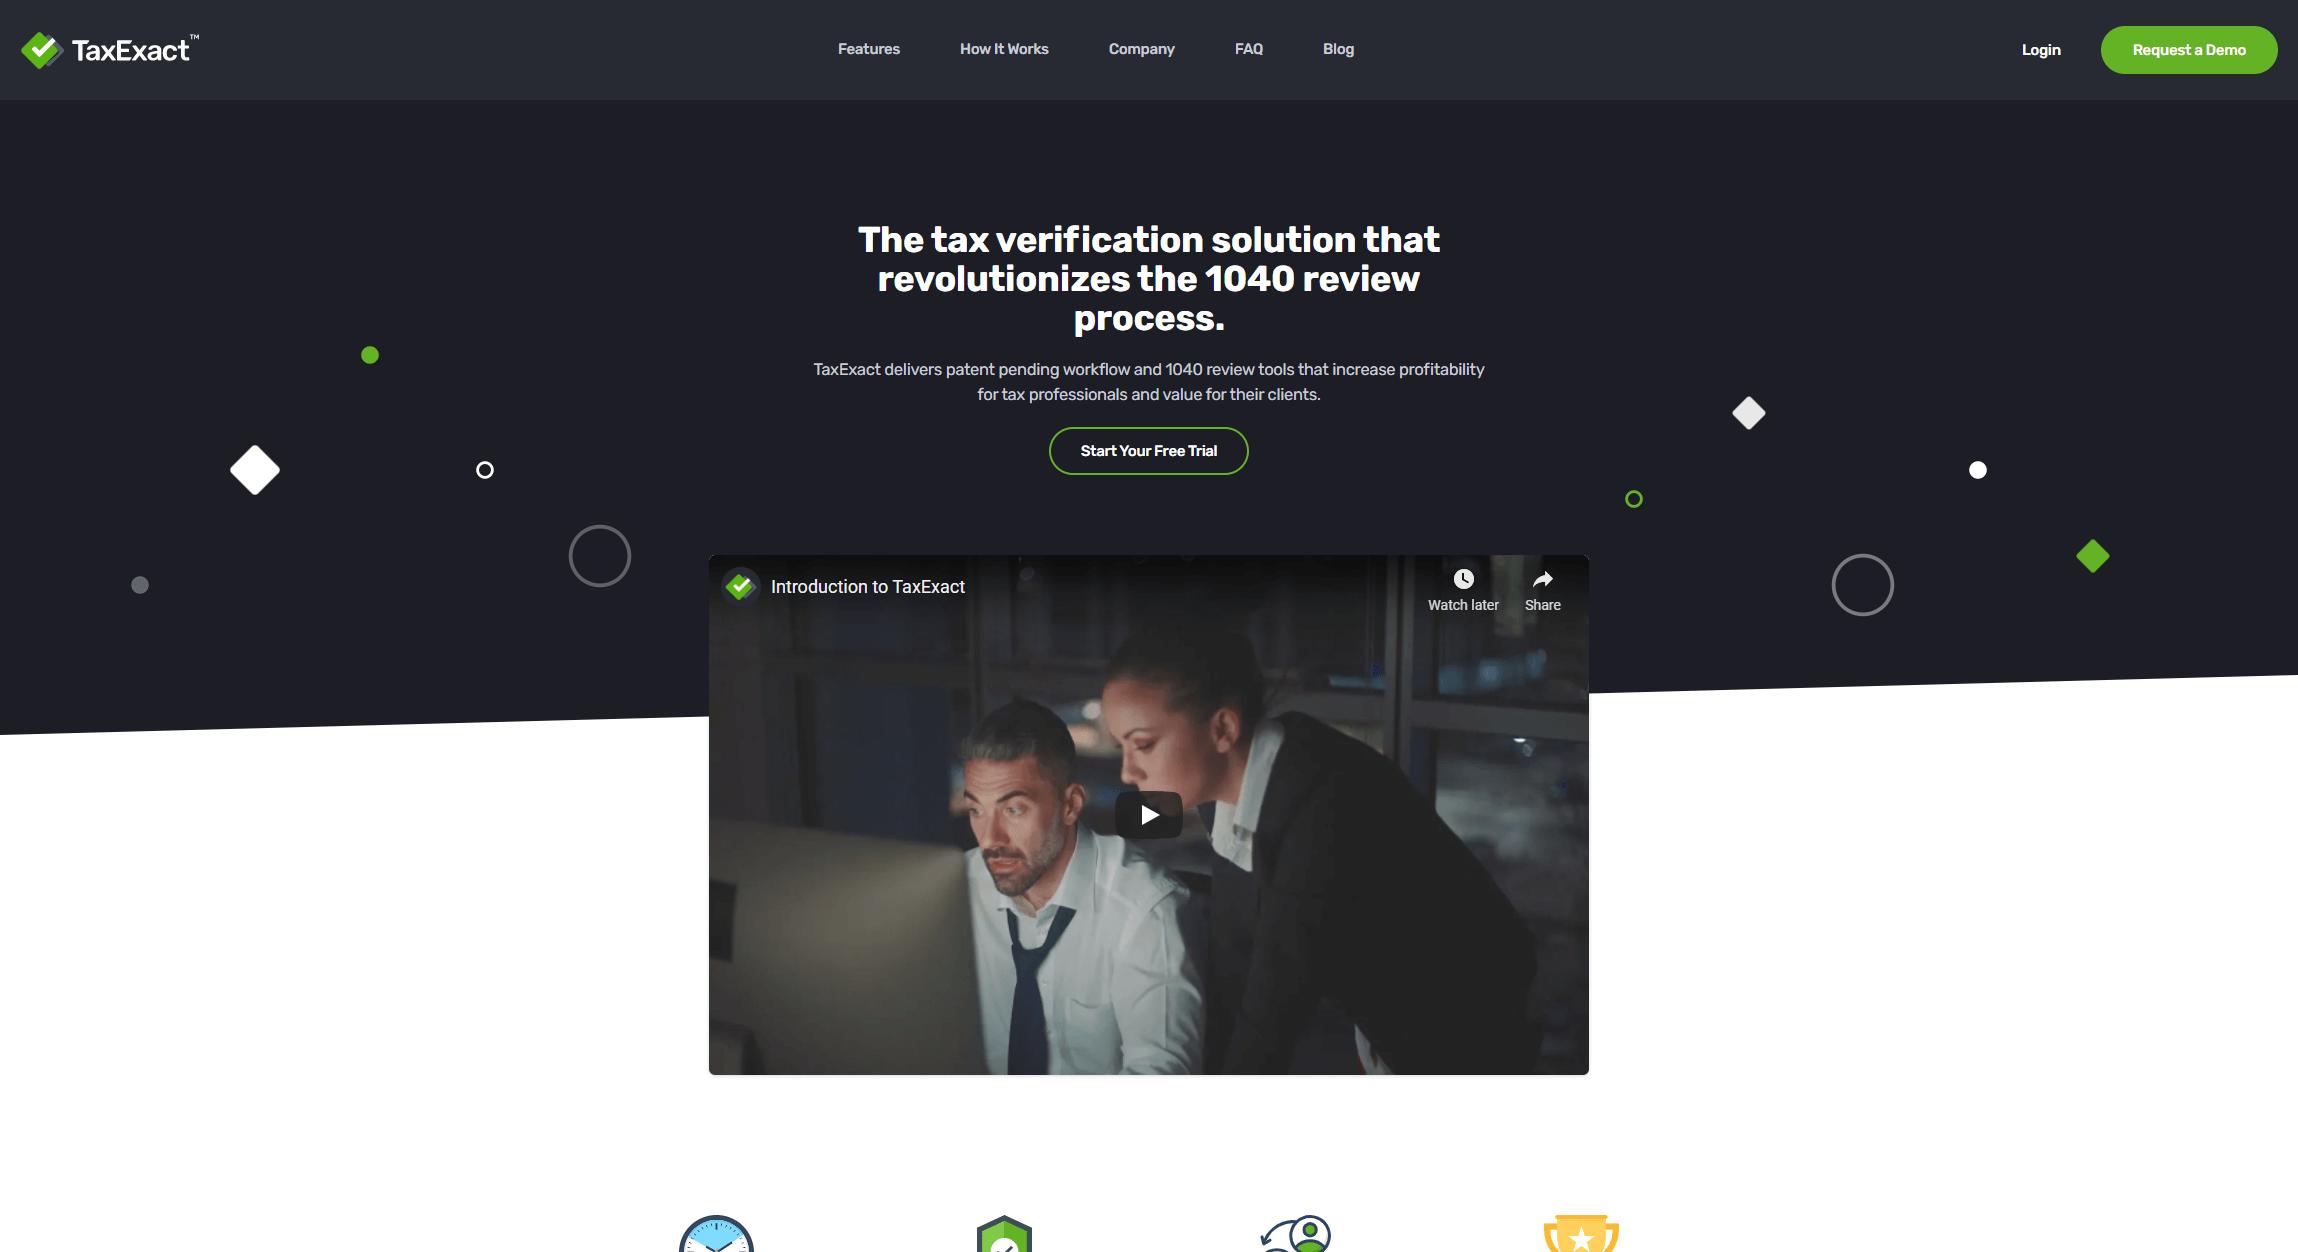 taxexact.com